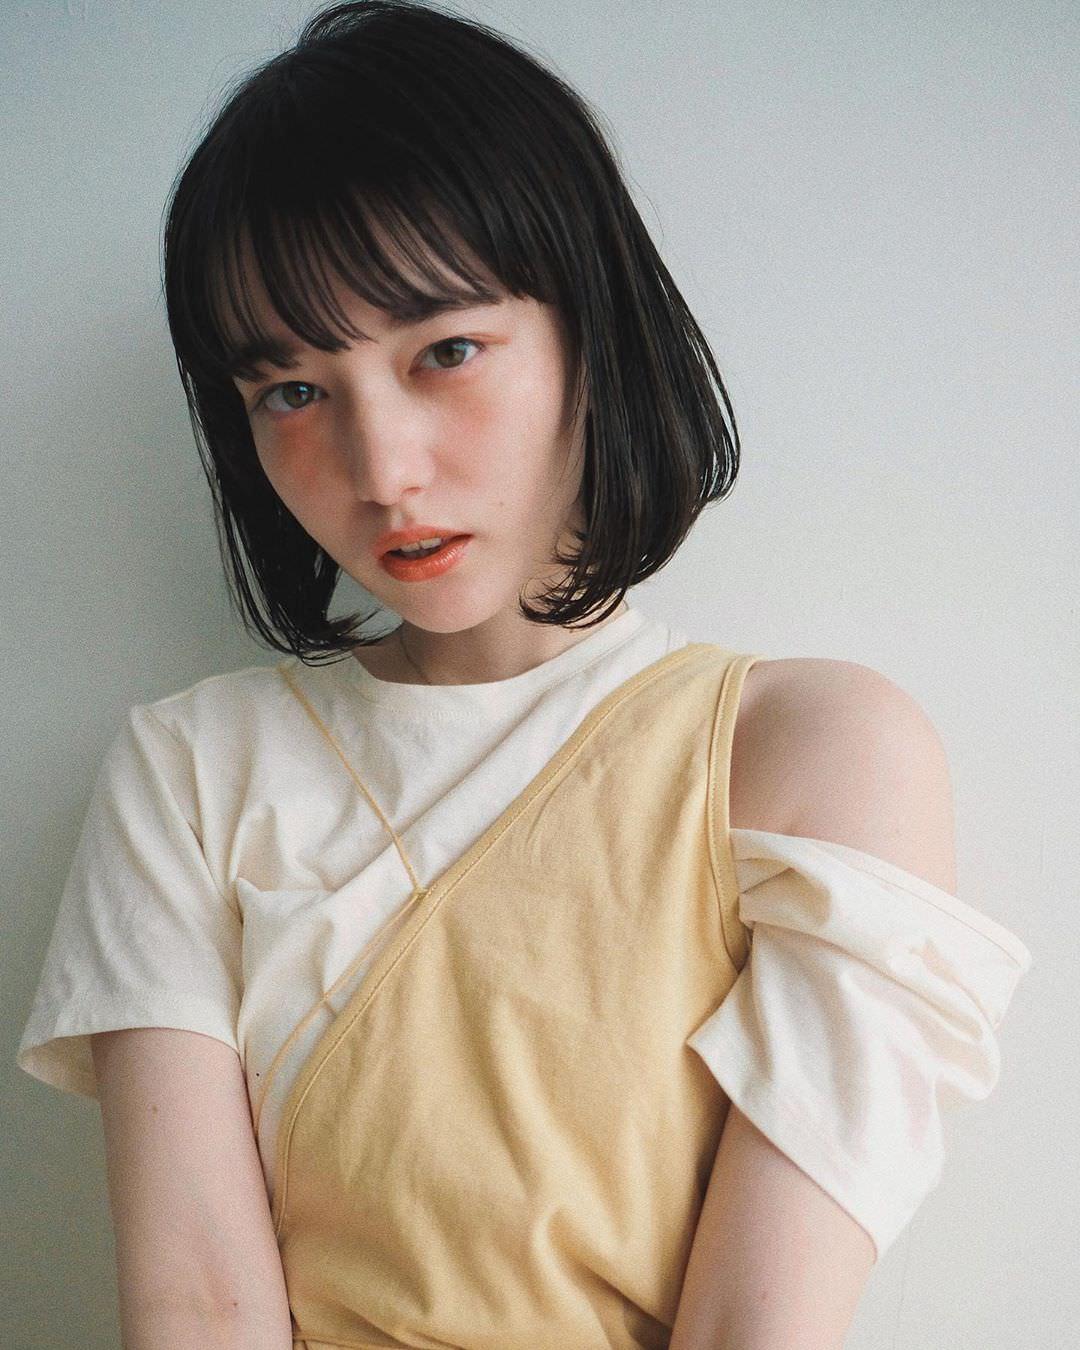 憧れる女子急増中!きぬちゃんのバラエティに富むヘアアレンジ特集1